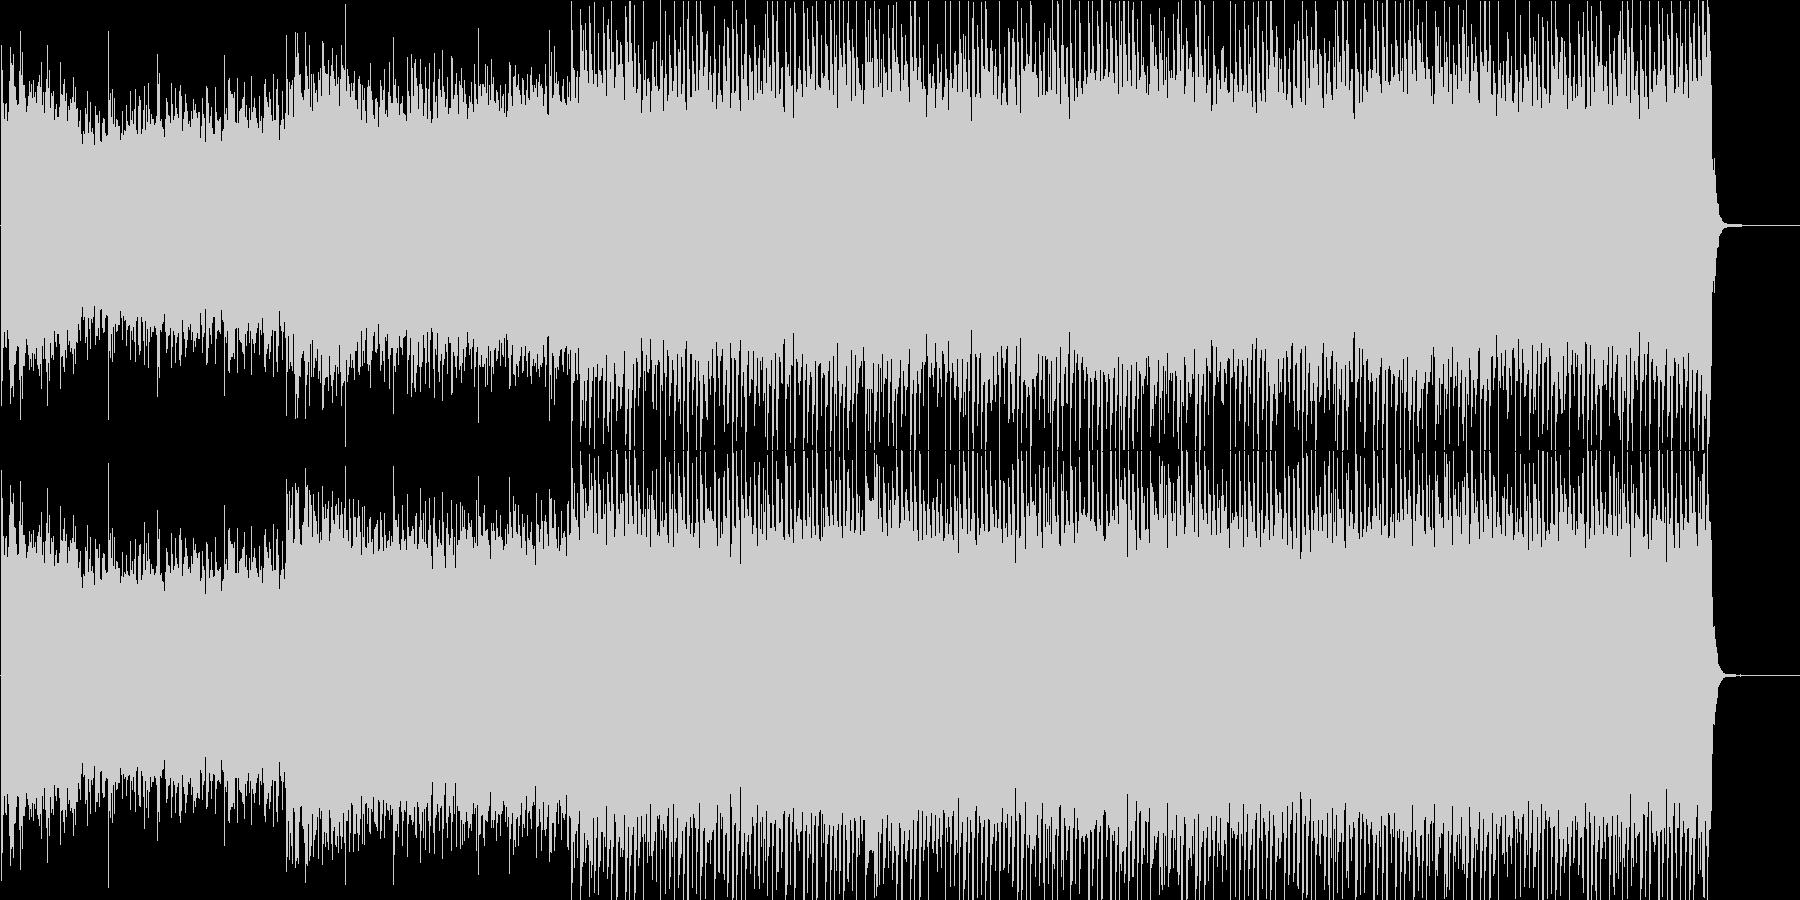 ゆっくりとした素朴なロックの未再生の波形